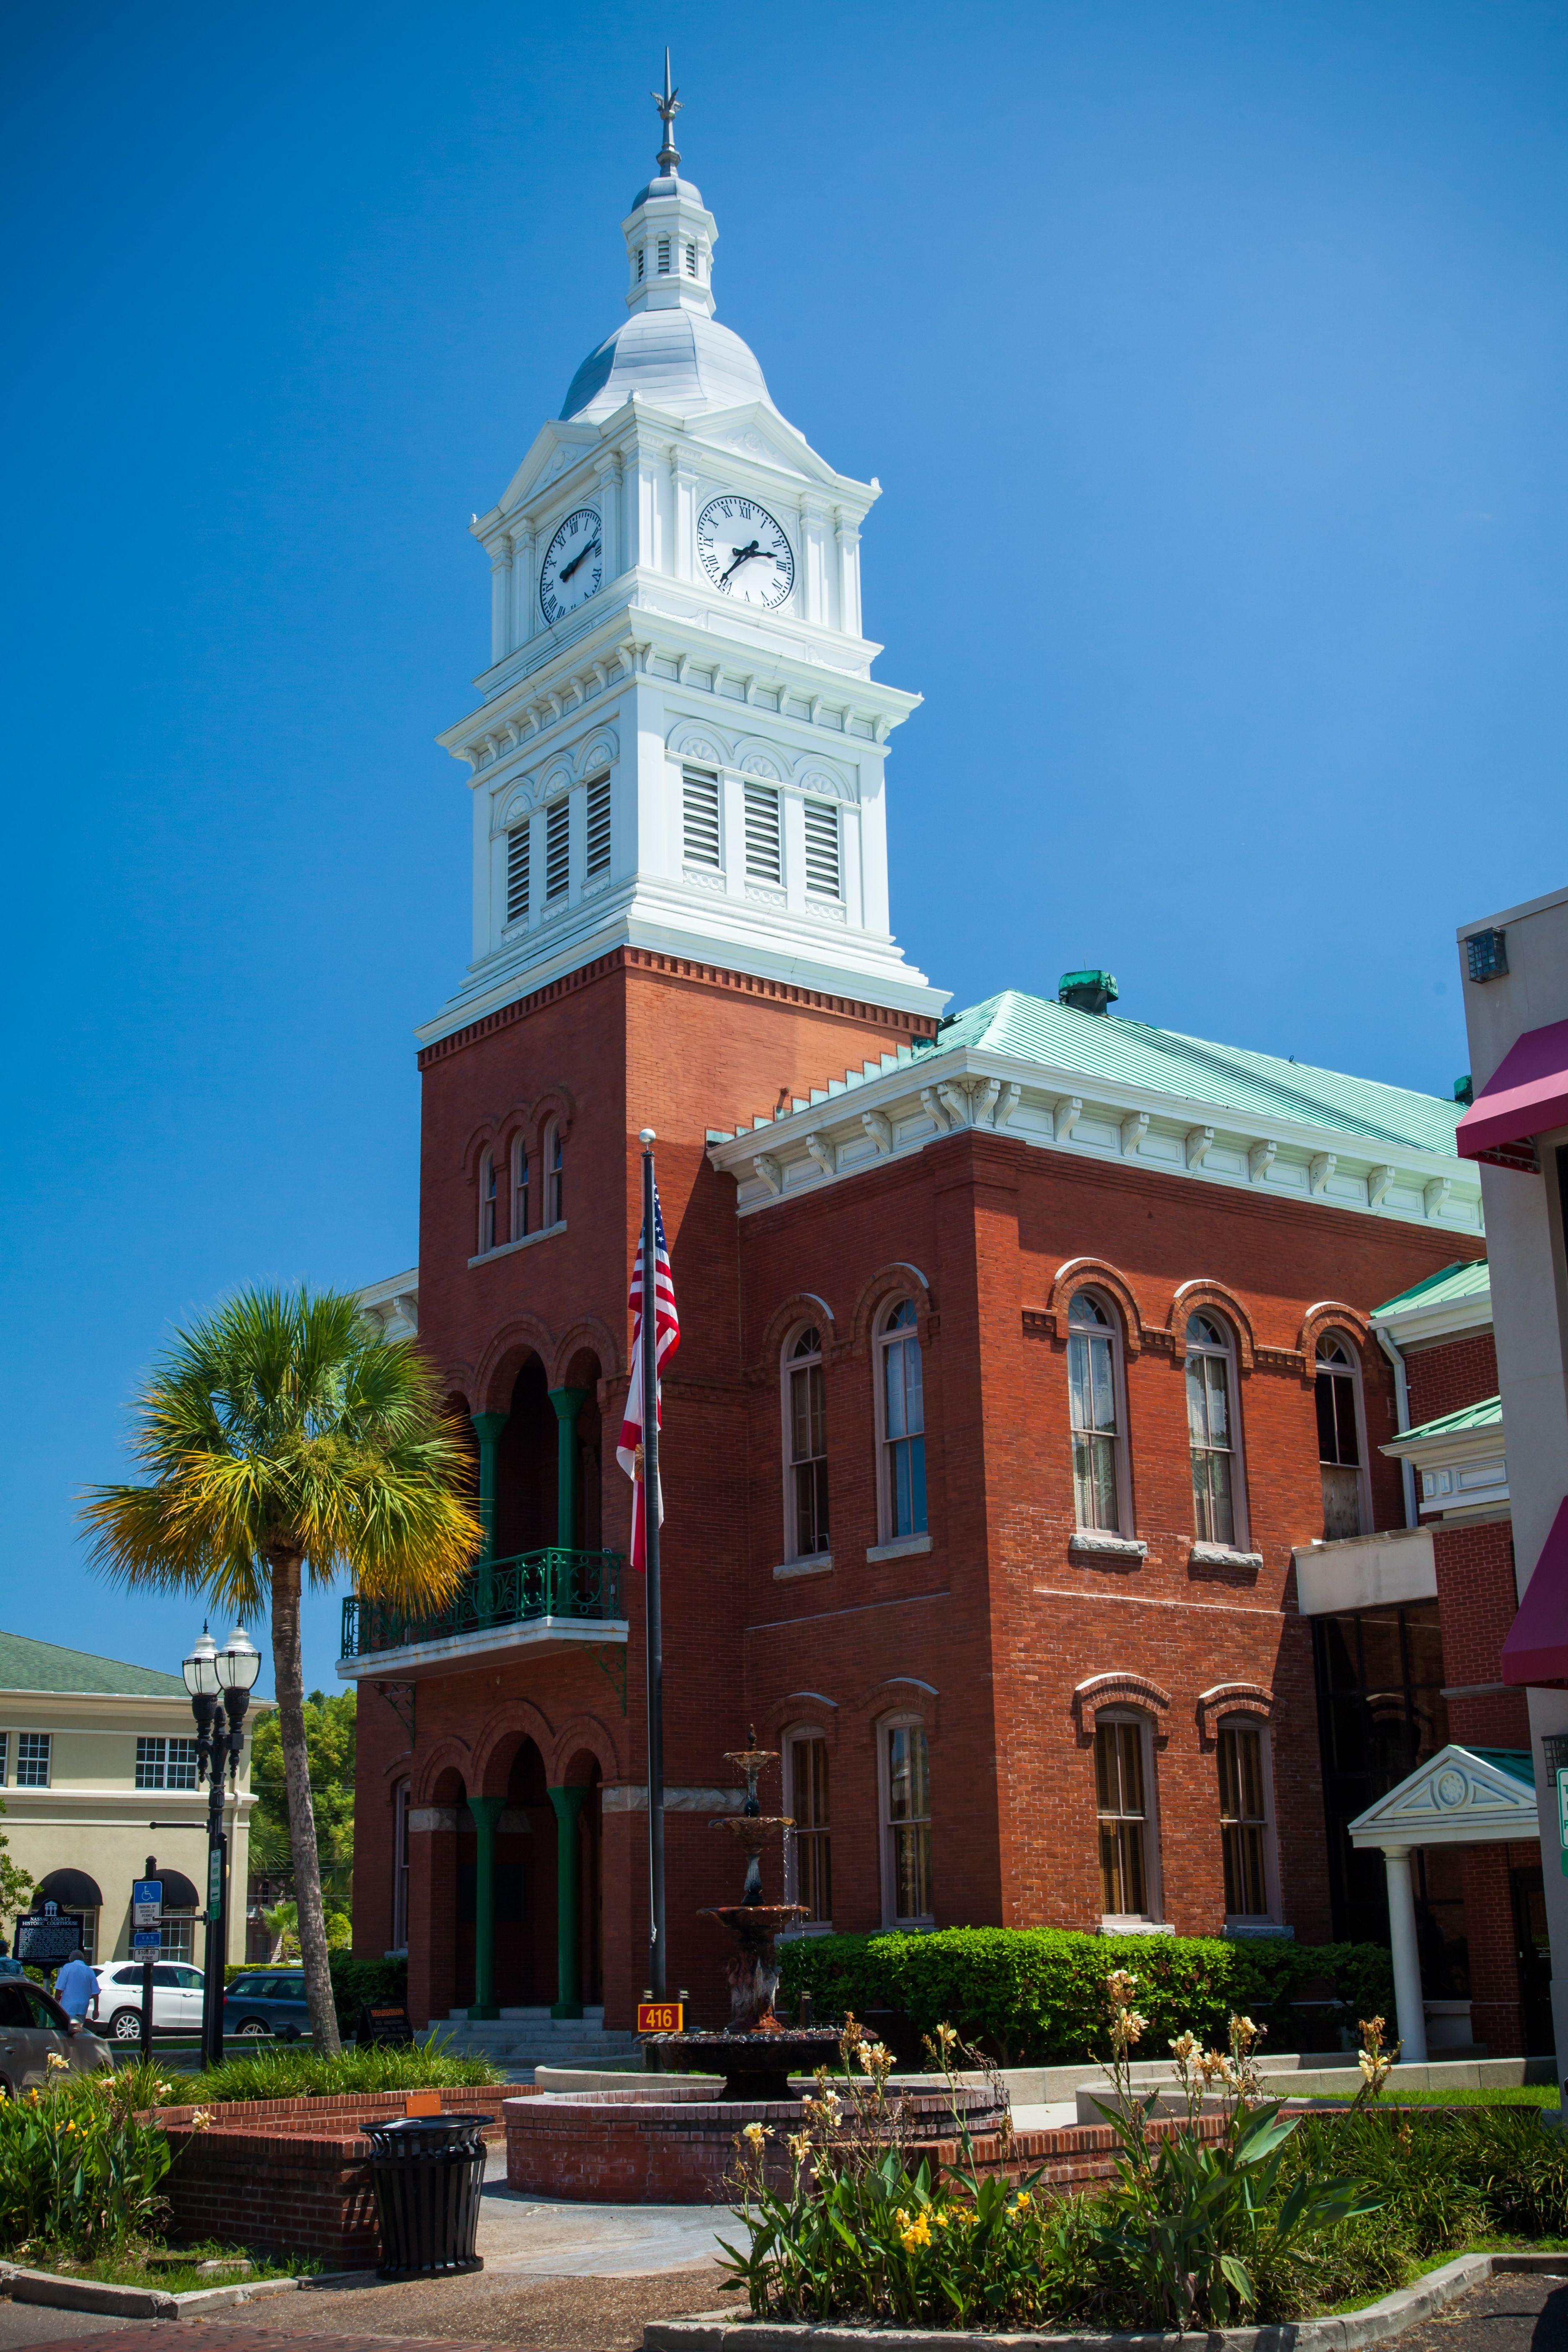 Historic courthouse in Fernandina Beach, FL Fernandina